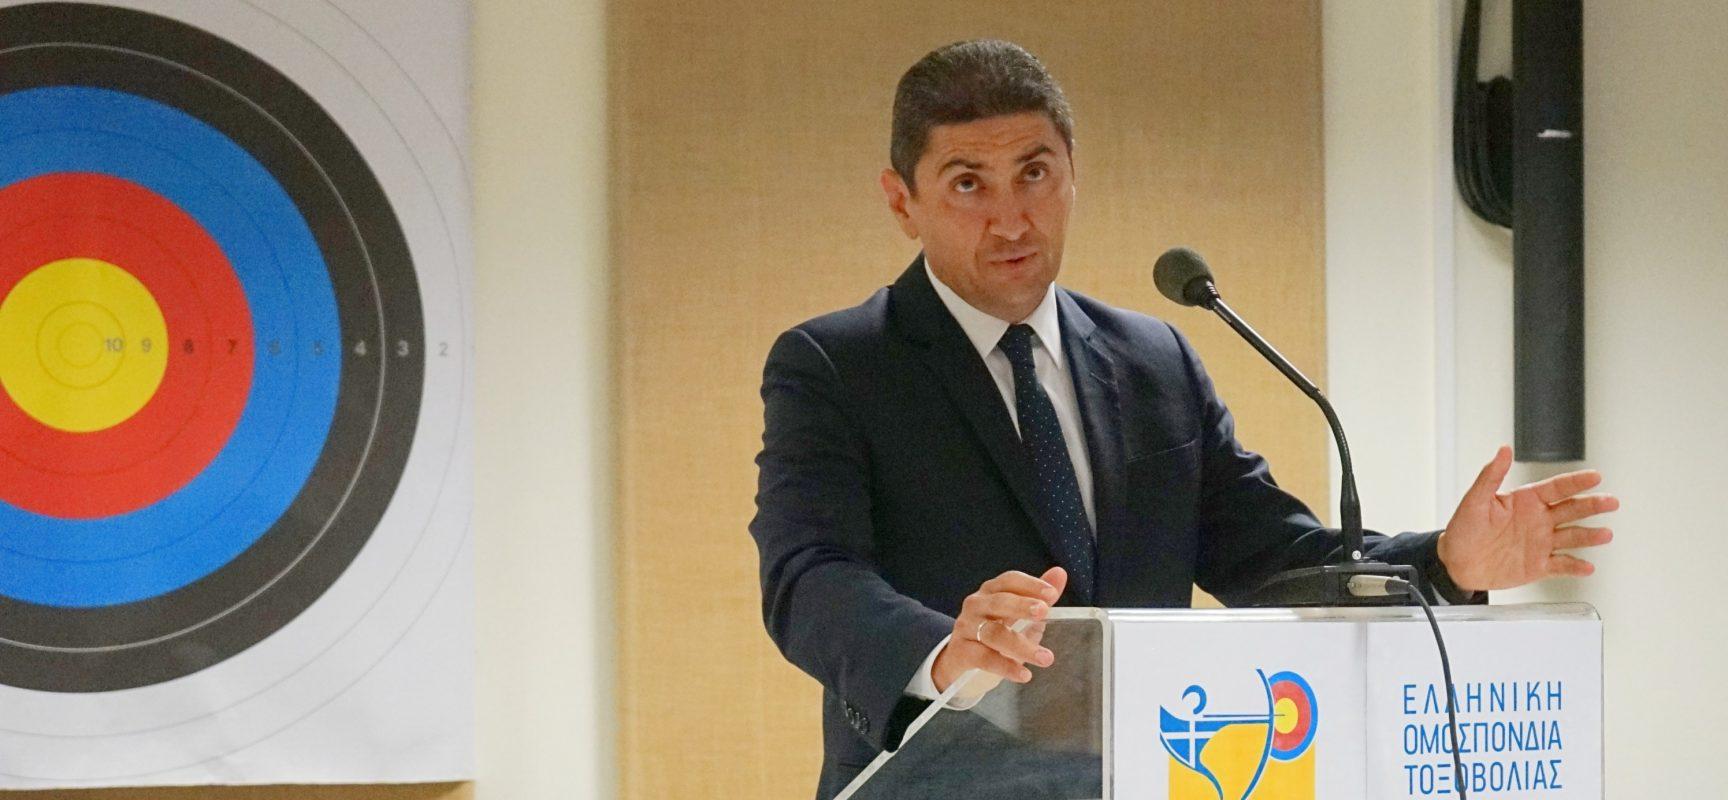 Επιστολή Aυγενάκη στους Υπουργούς Οικονομικών και Εργασίας και Κοινωνικών Υποθέσεων για την ένταξη σωματείων, Ενώσεων και Ομοσπονδιών στα μέτρα στήριξης